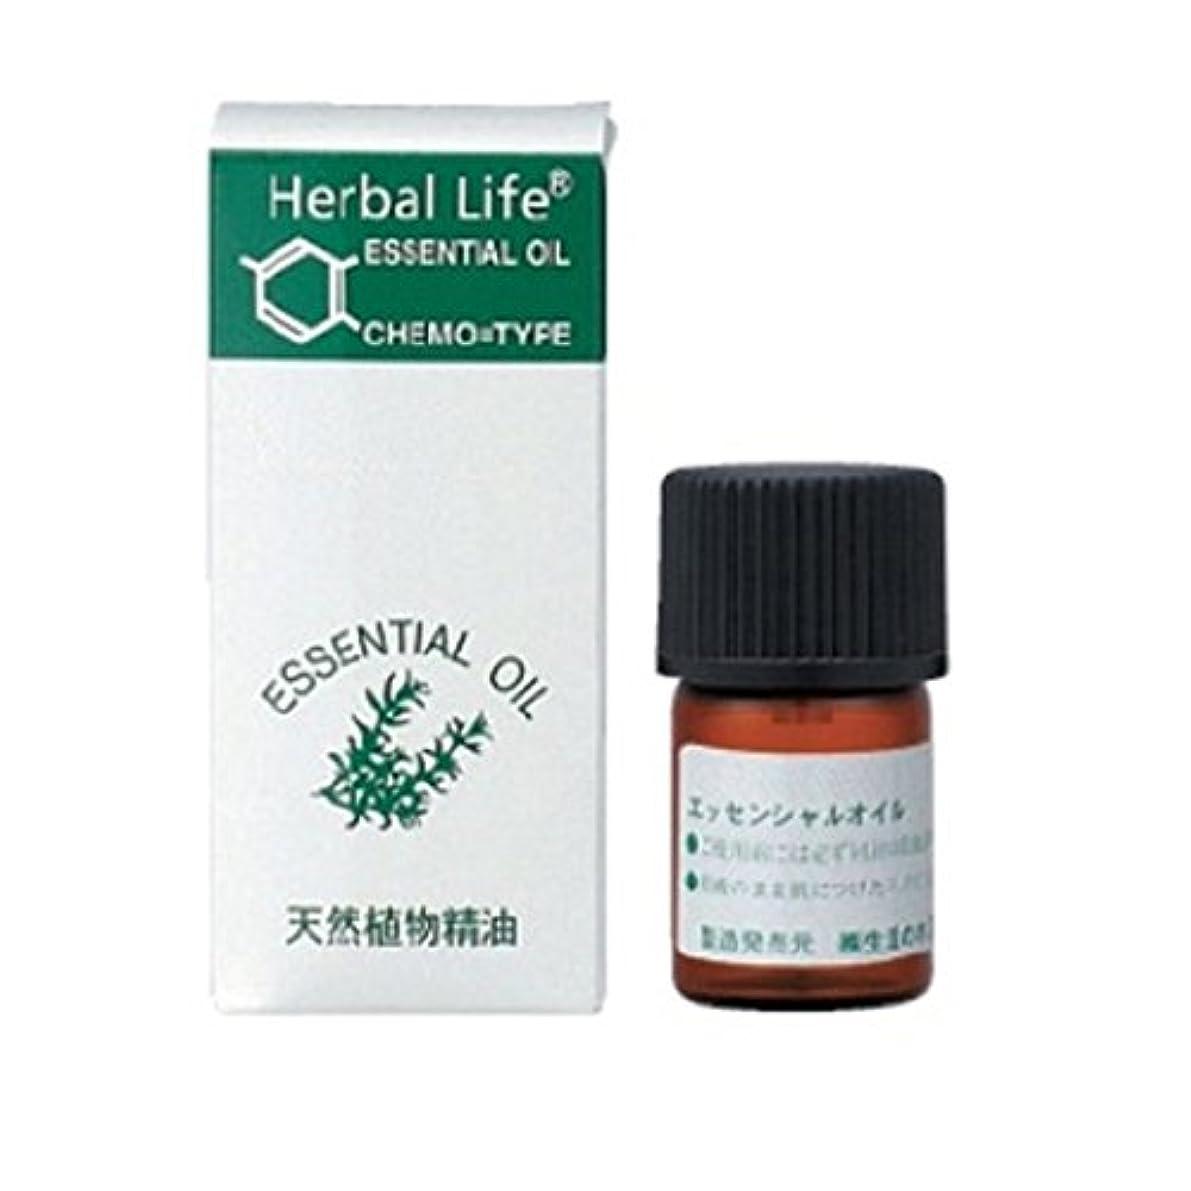 楽しい適応結果生活の木 エッセンシャルオイル パルマローザ 3ml 08-449-3890